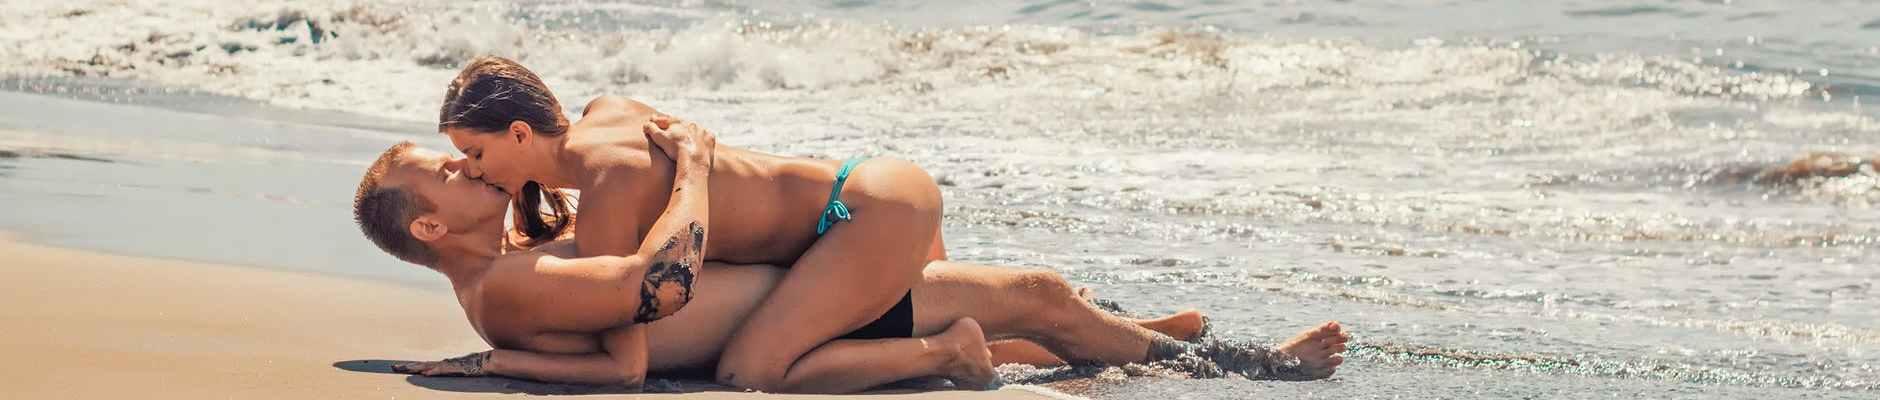 Ljetne strasti: zašto seks u moru baš i nije dobra ideja?